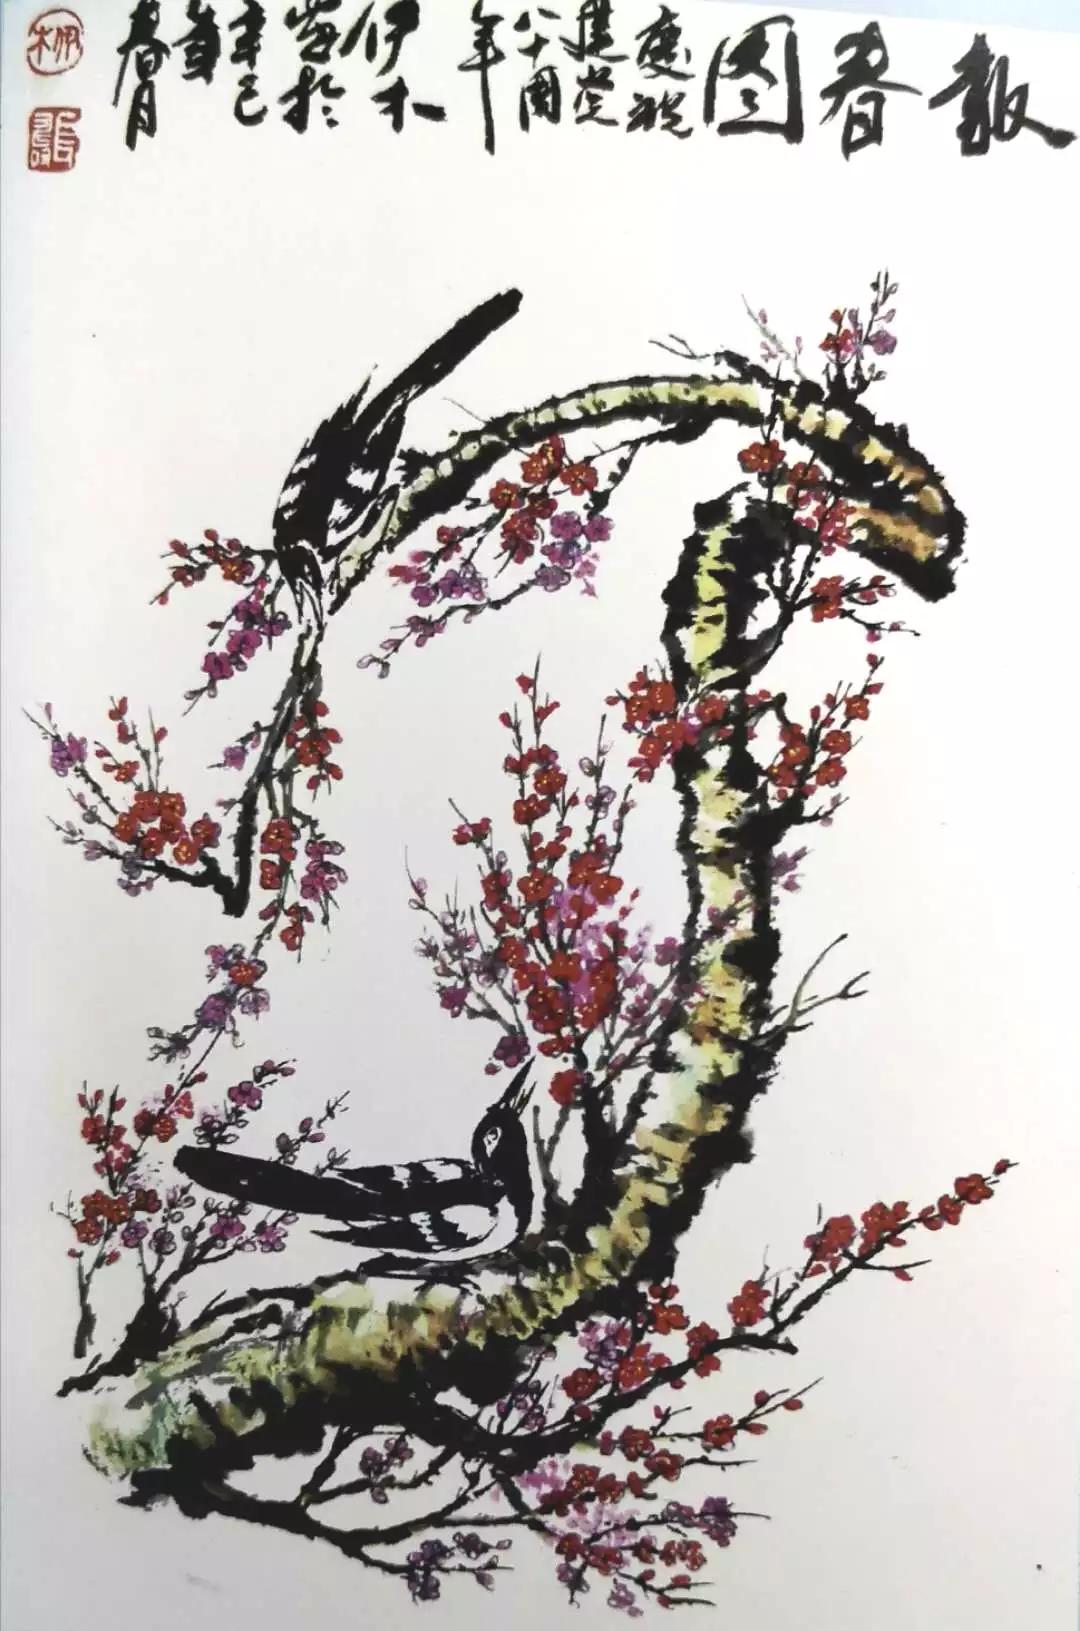 蒙古族画家|伊木舍楞 第8张 蒙古族画家|伊木舍楞 蒙古画廊